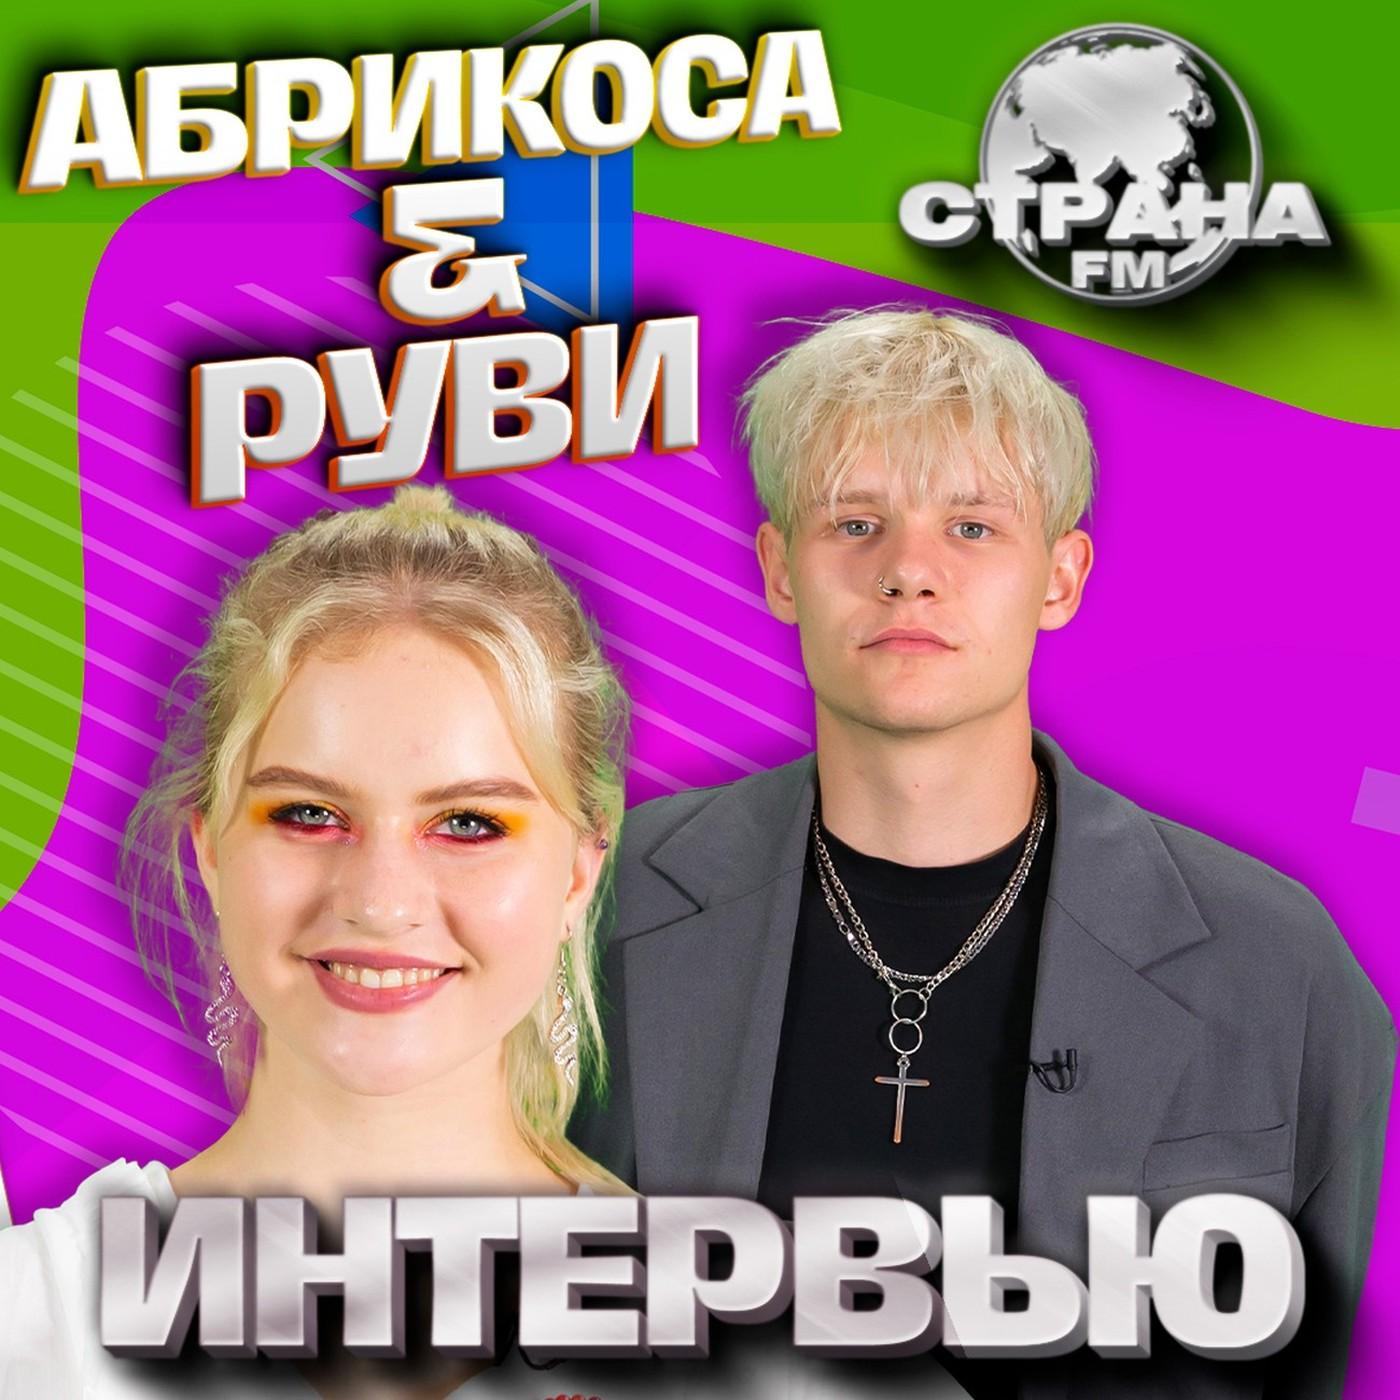 Абрикоса и РУВИ. Эксклюзивное интервью. Страна FM